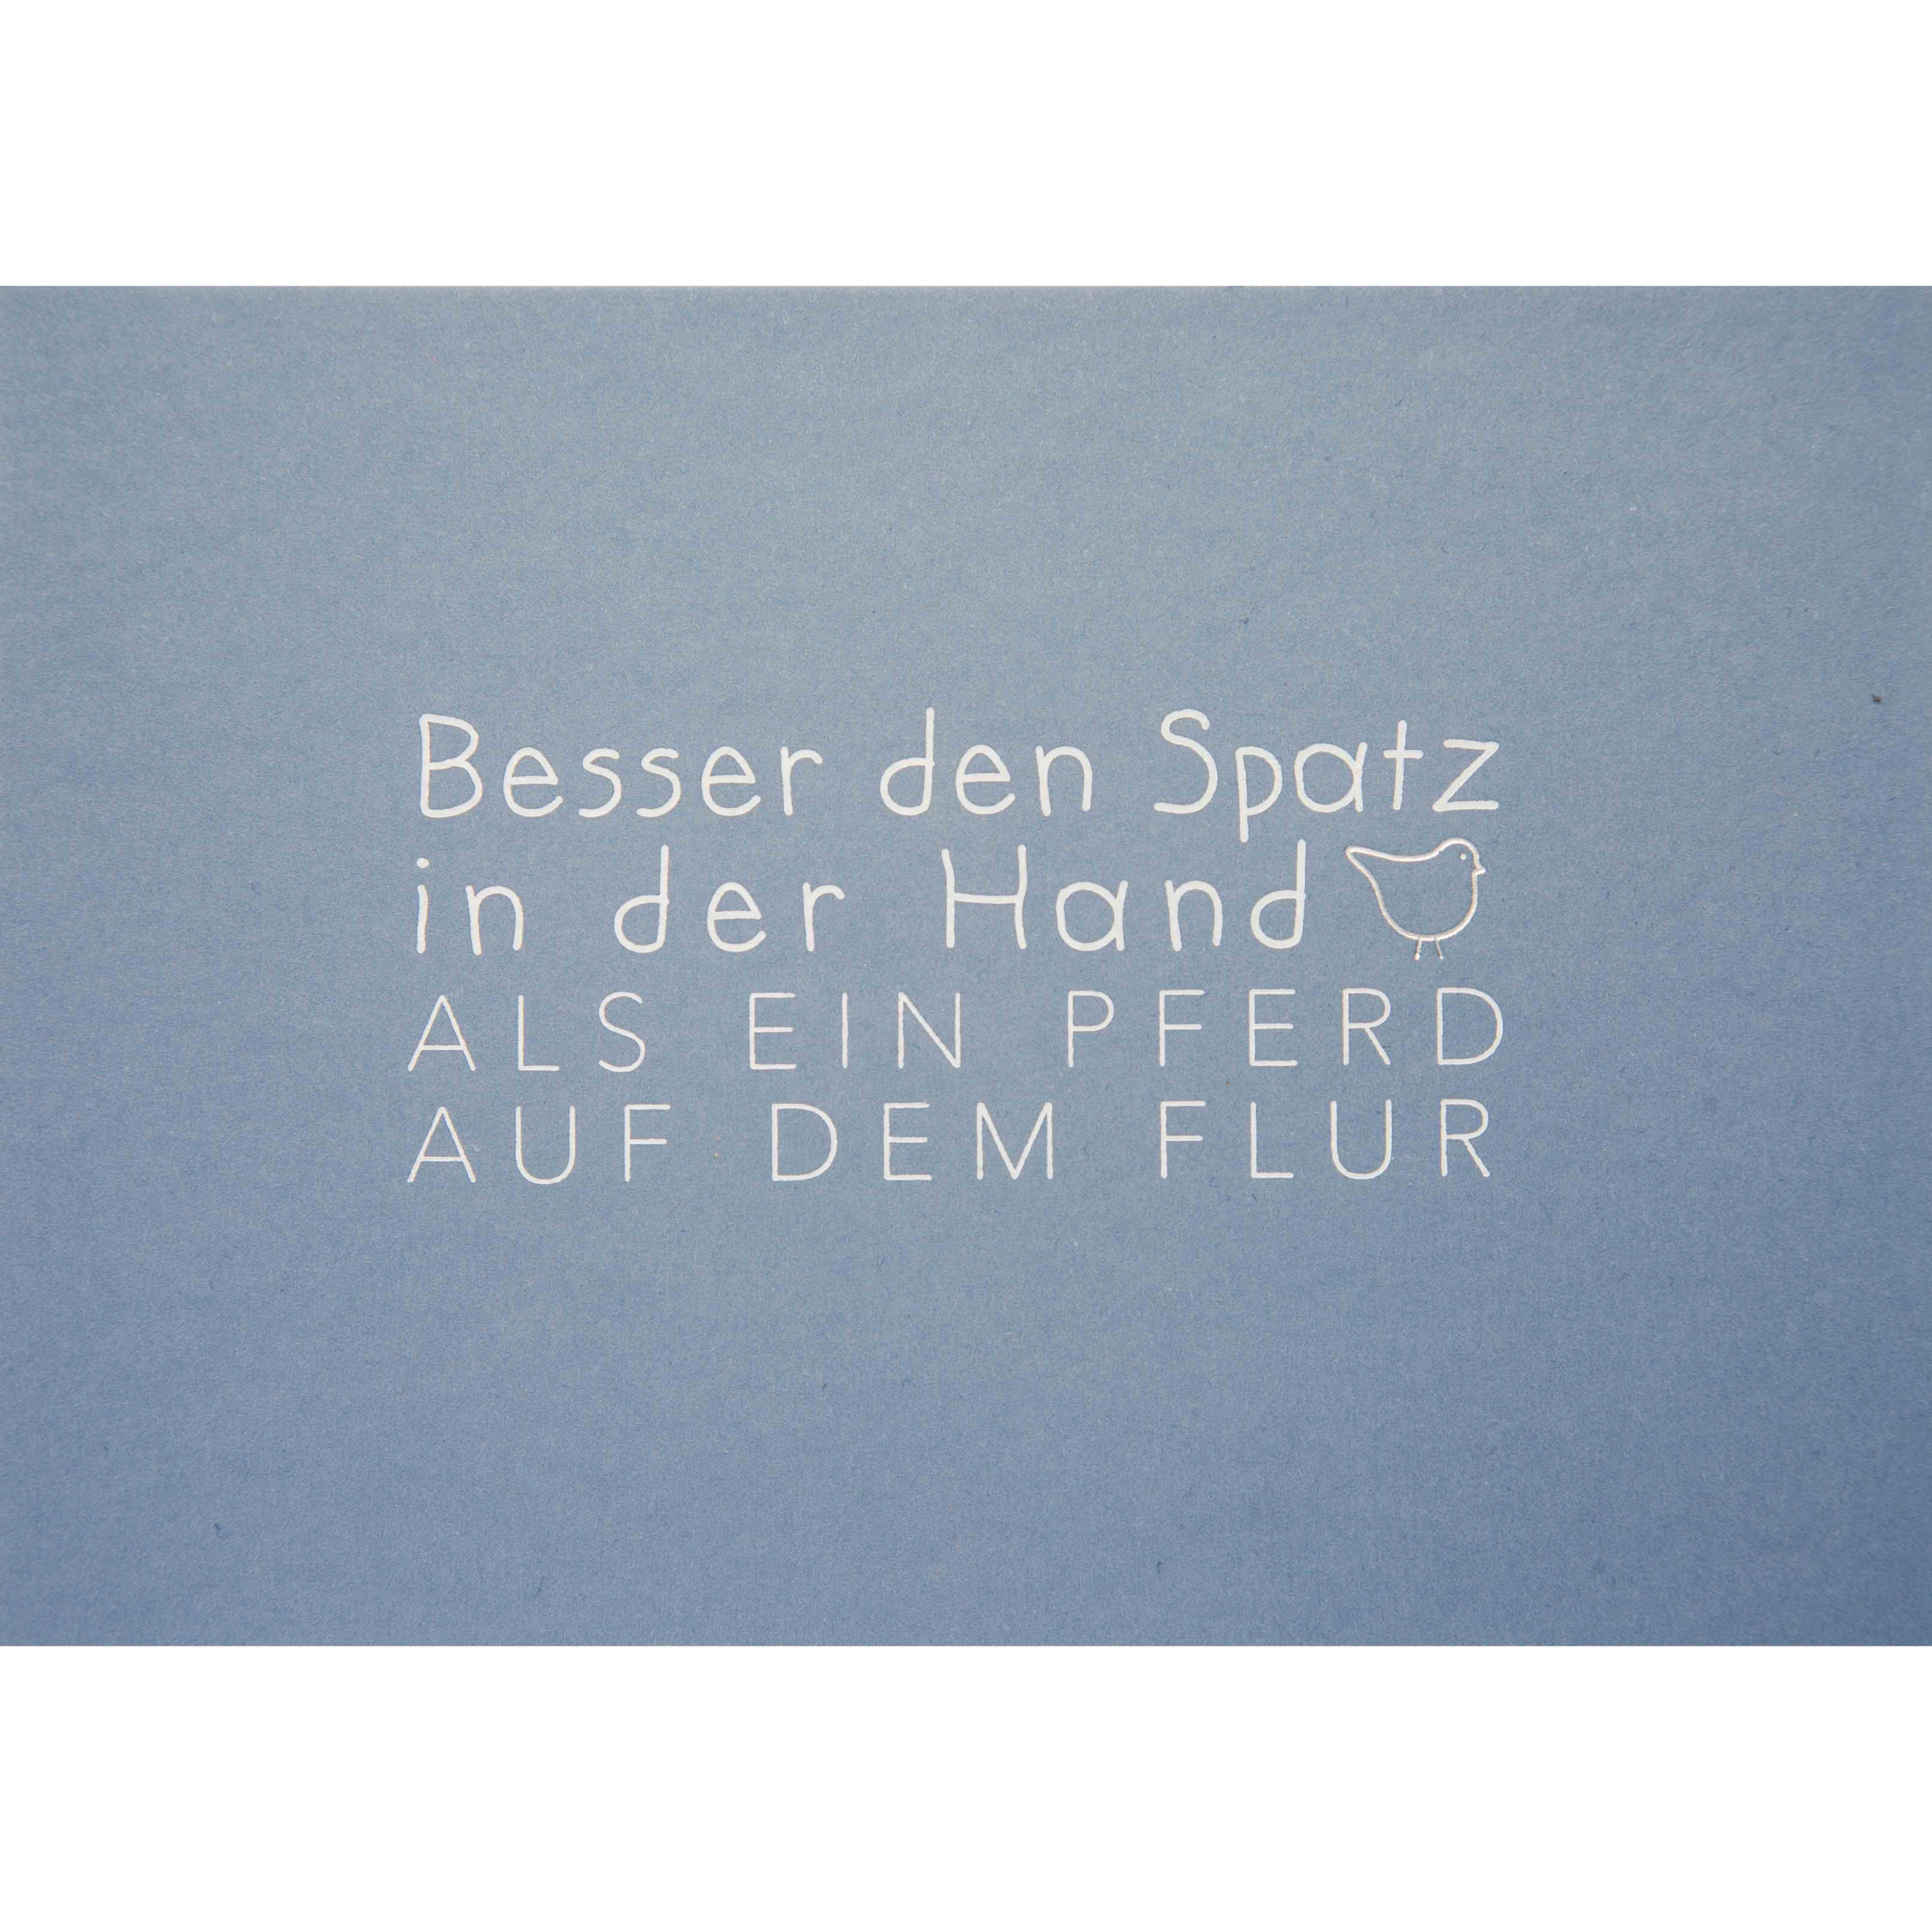 Postkarte - Besser den Spatz ... - räder